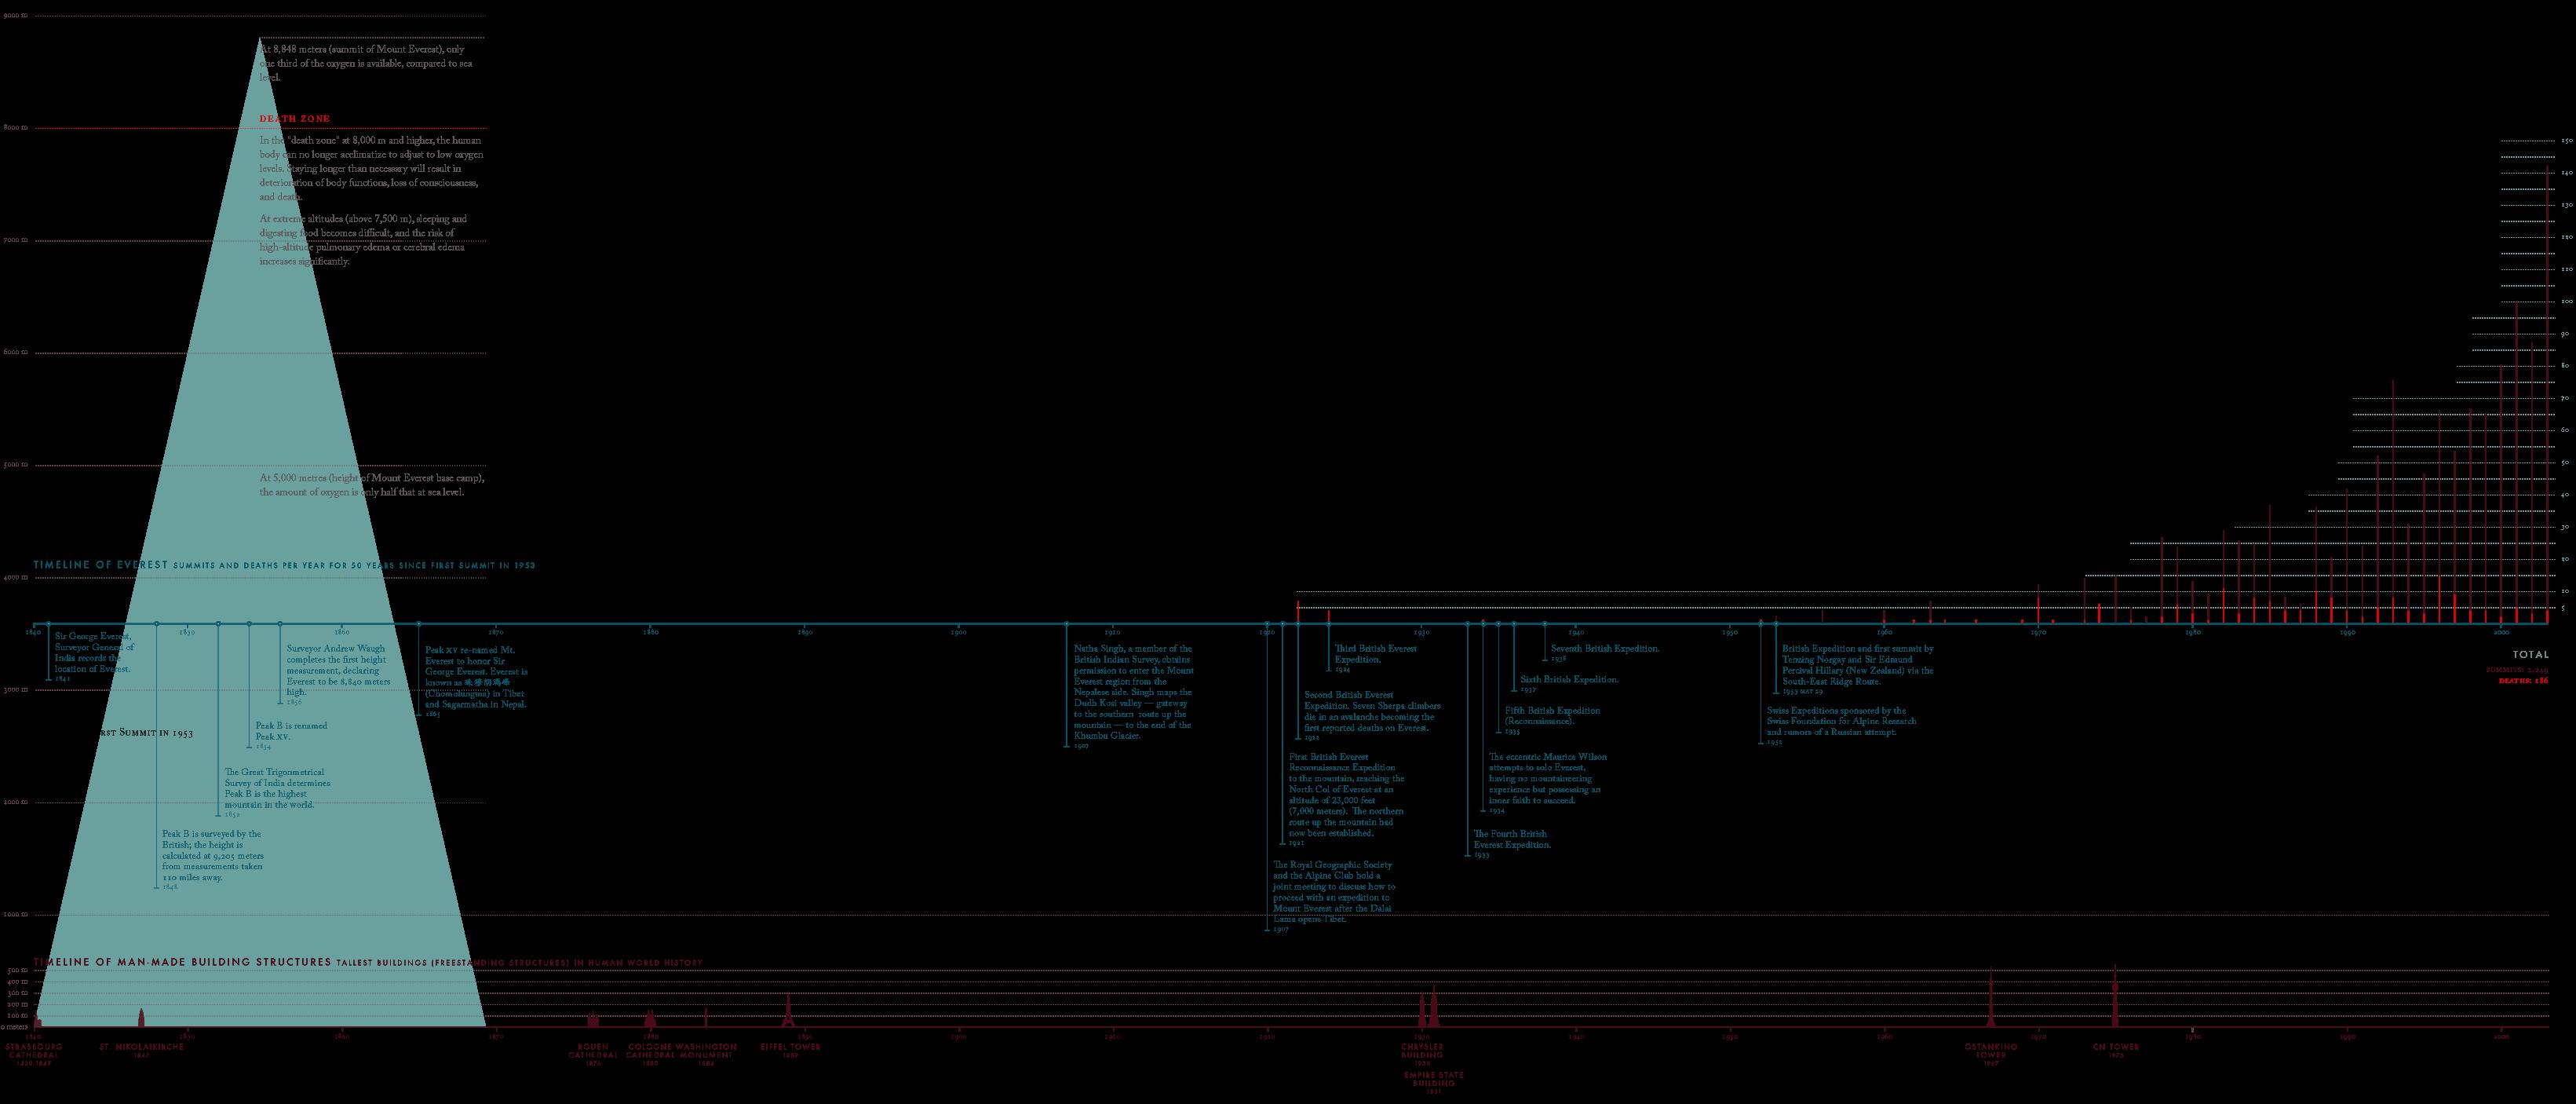 meng-he-everest-partial-timeline2